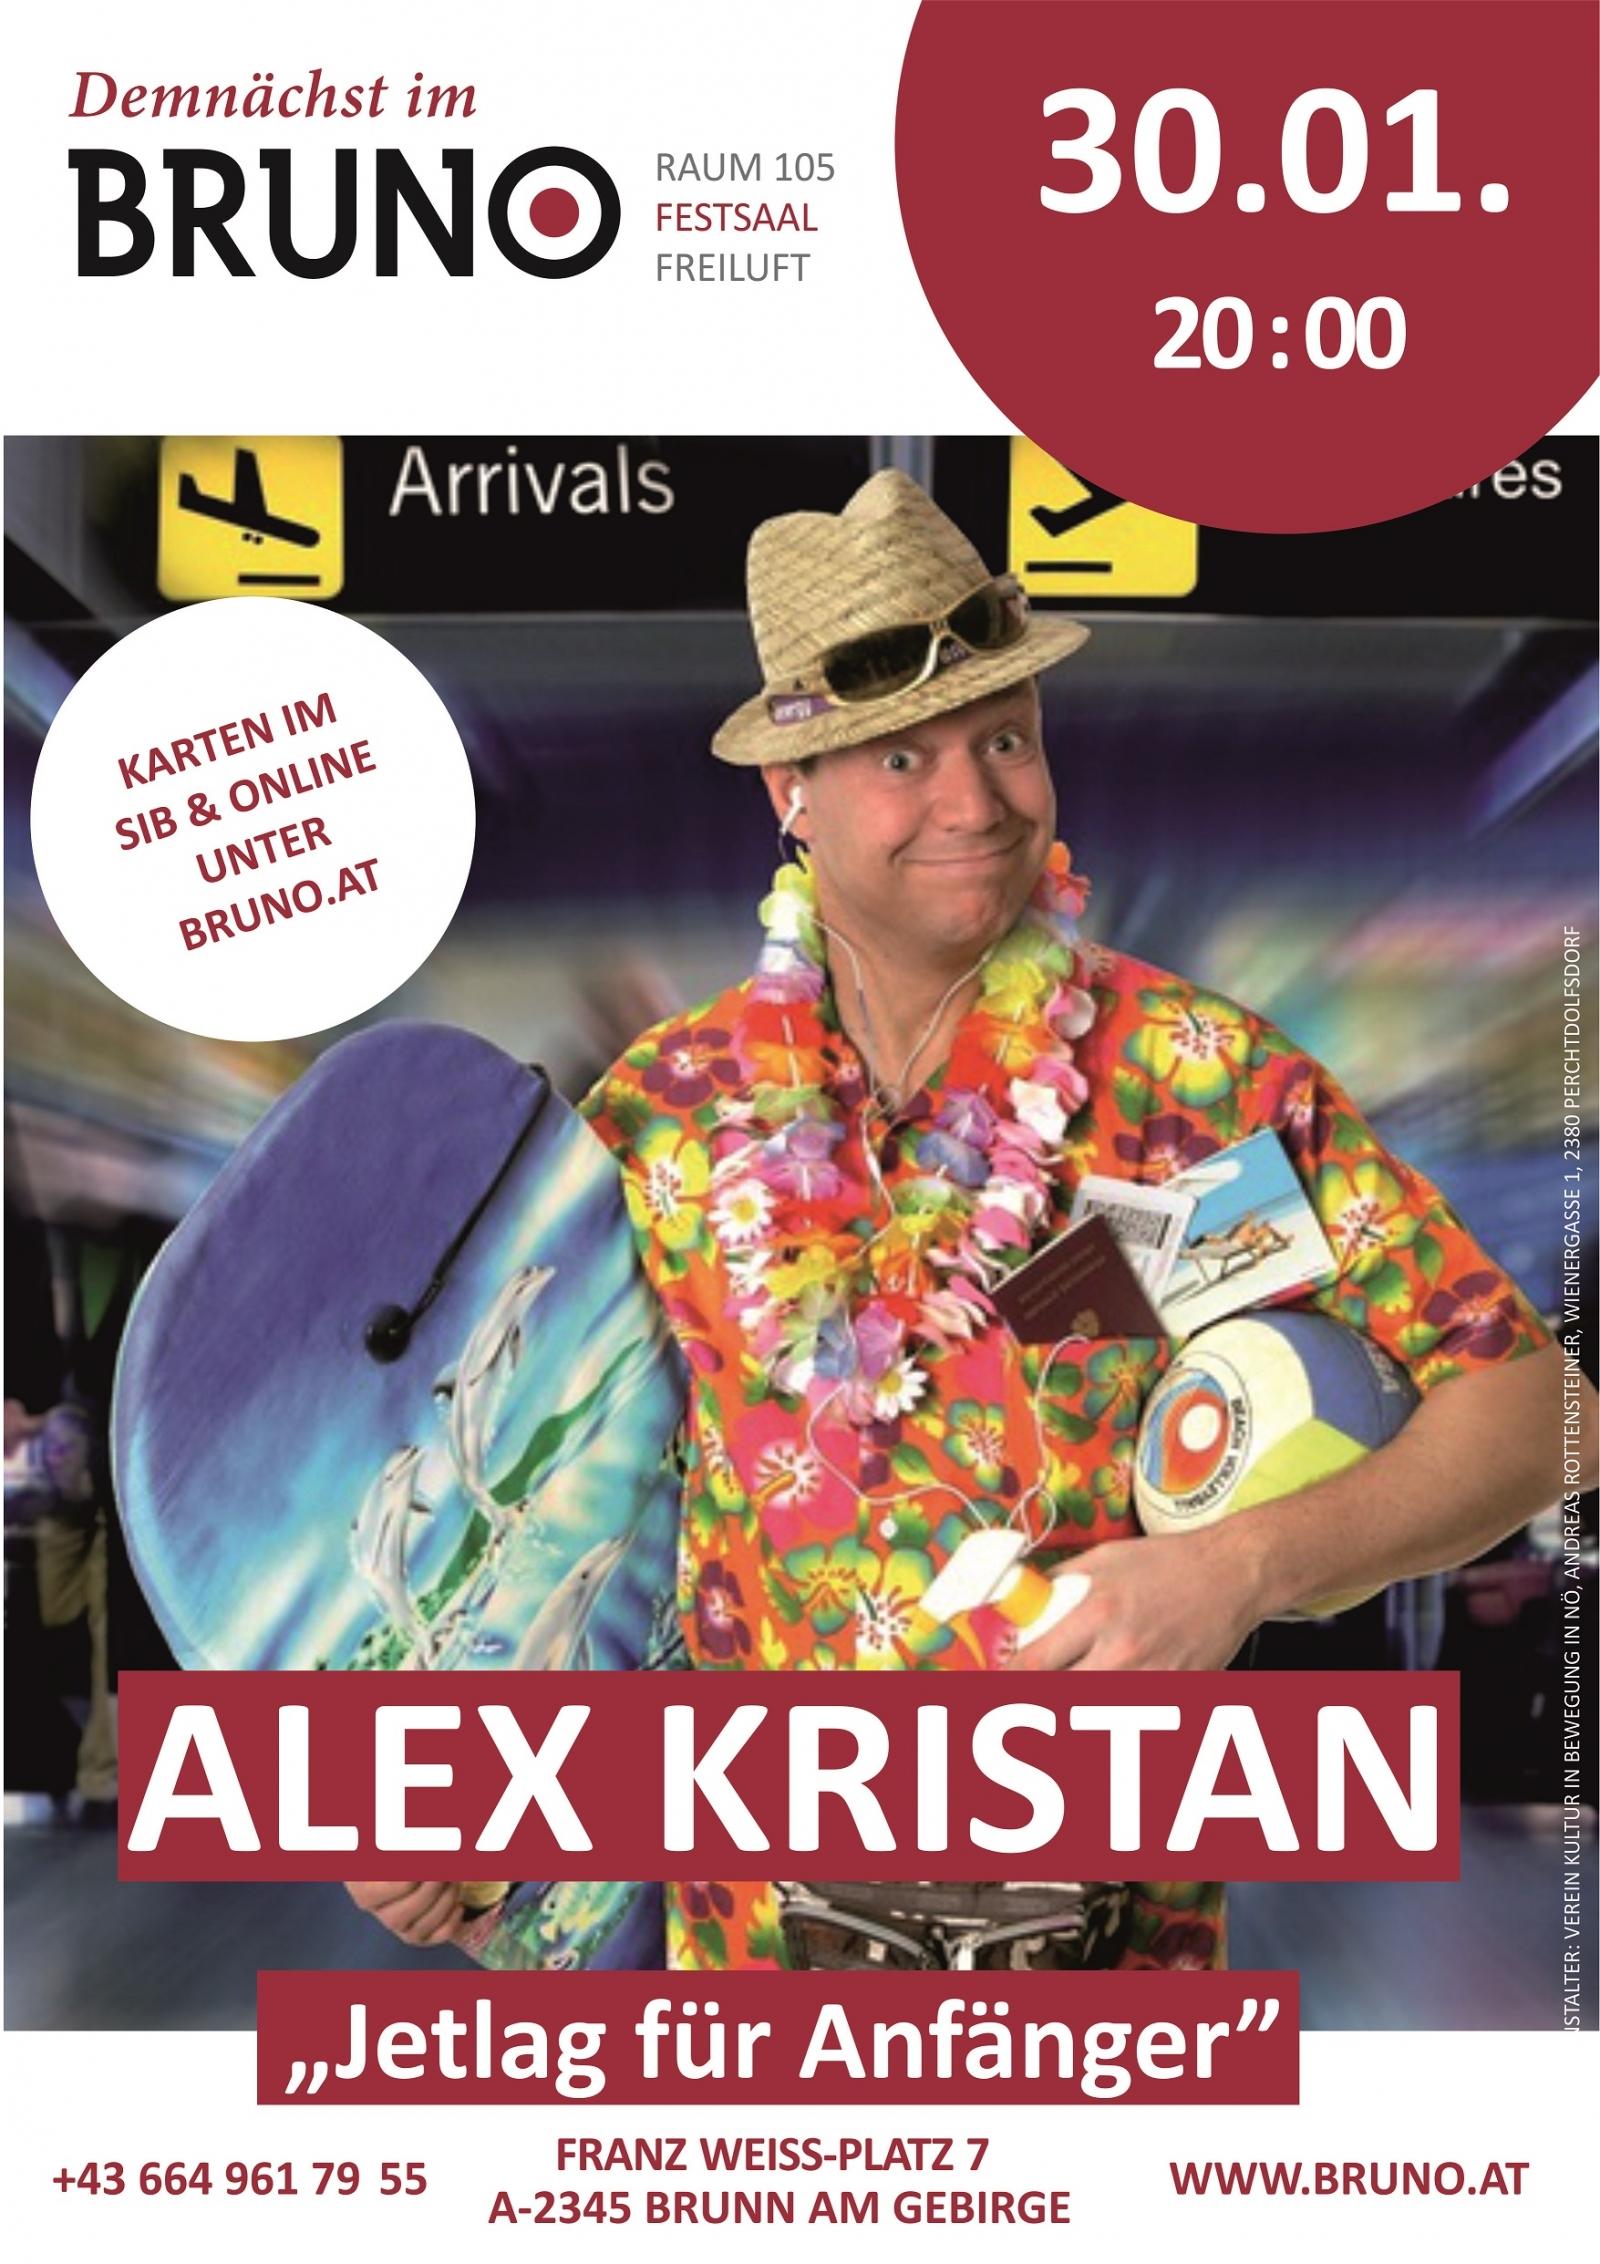 Alex Kristan Jetlag für Anfänger